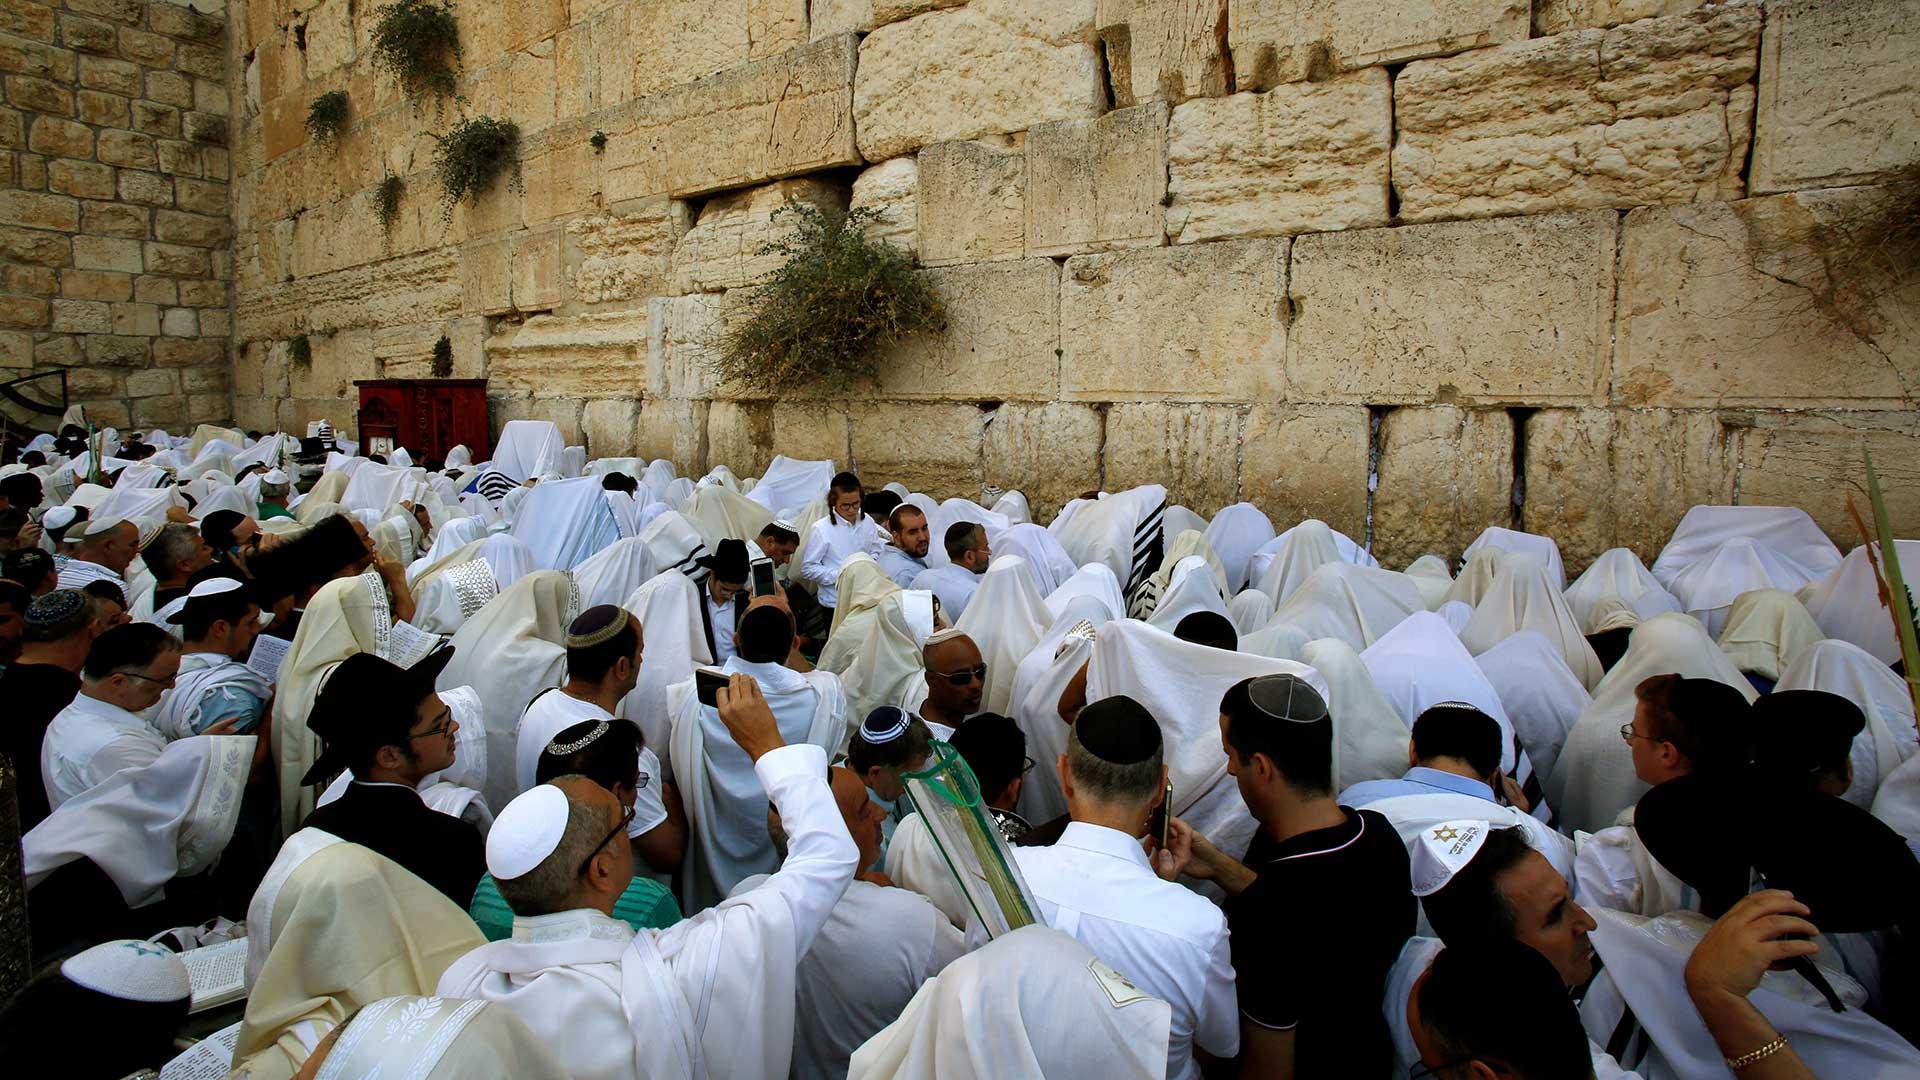 Ocurre días después de la declaración de la Unesco que determinó que no existe vínculo entre el Muro de los Lamentos y el judaísmo